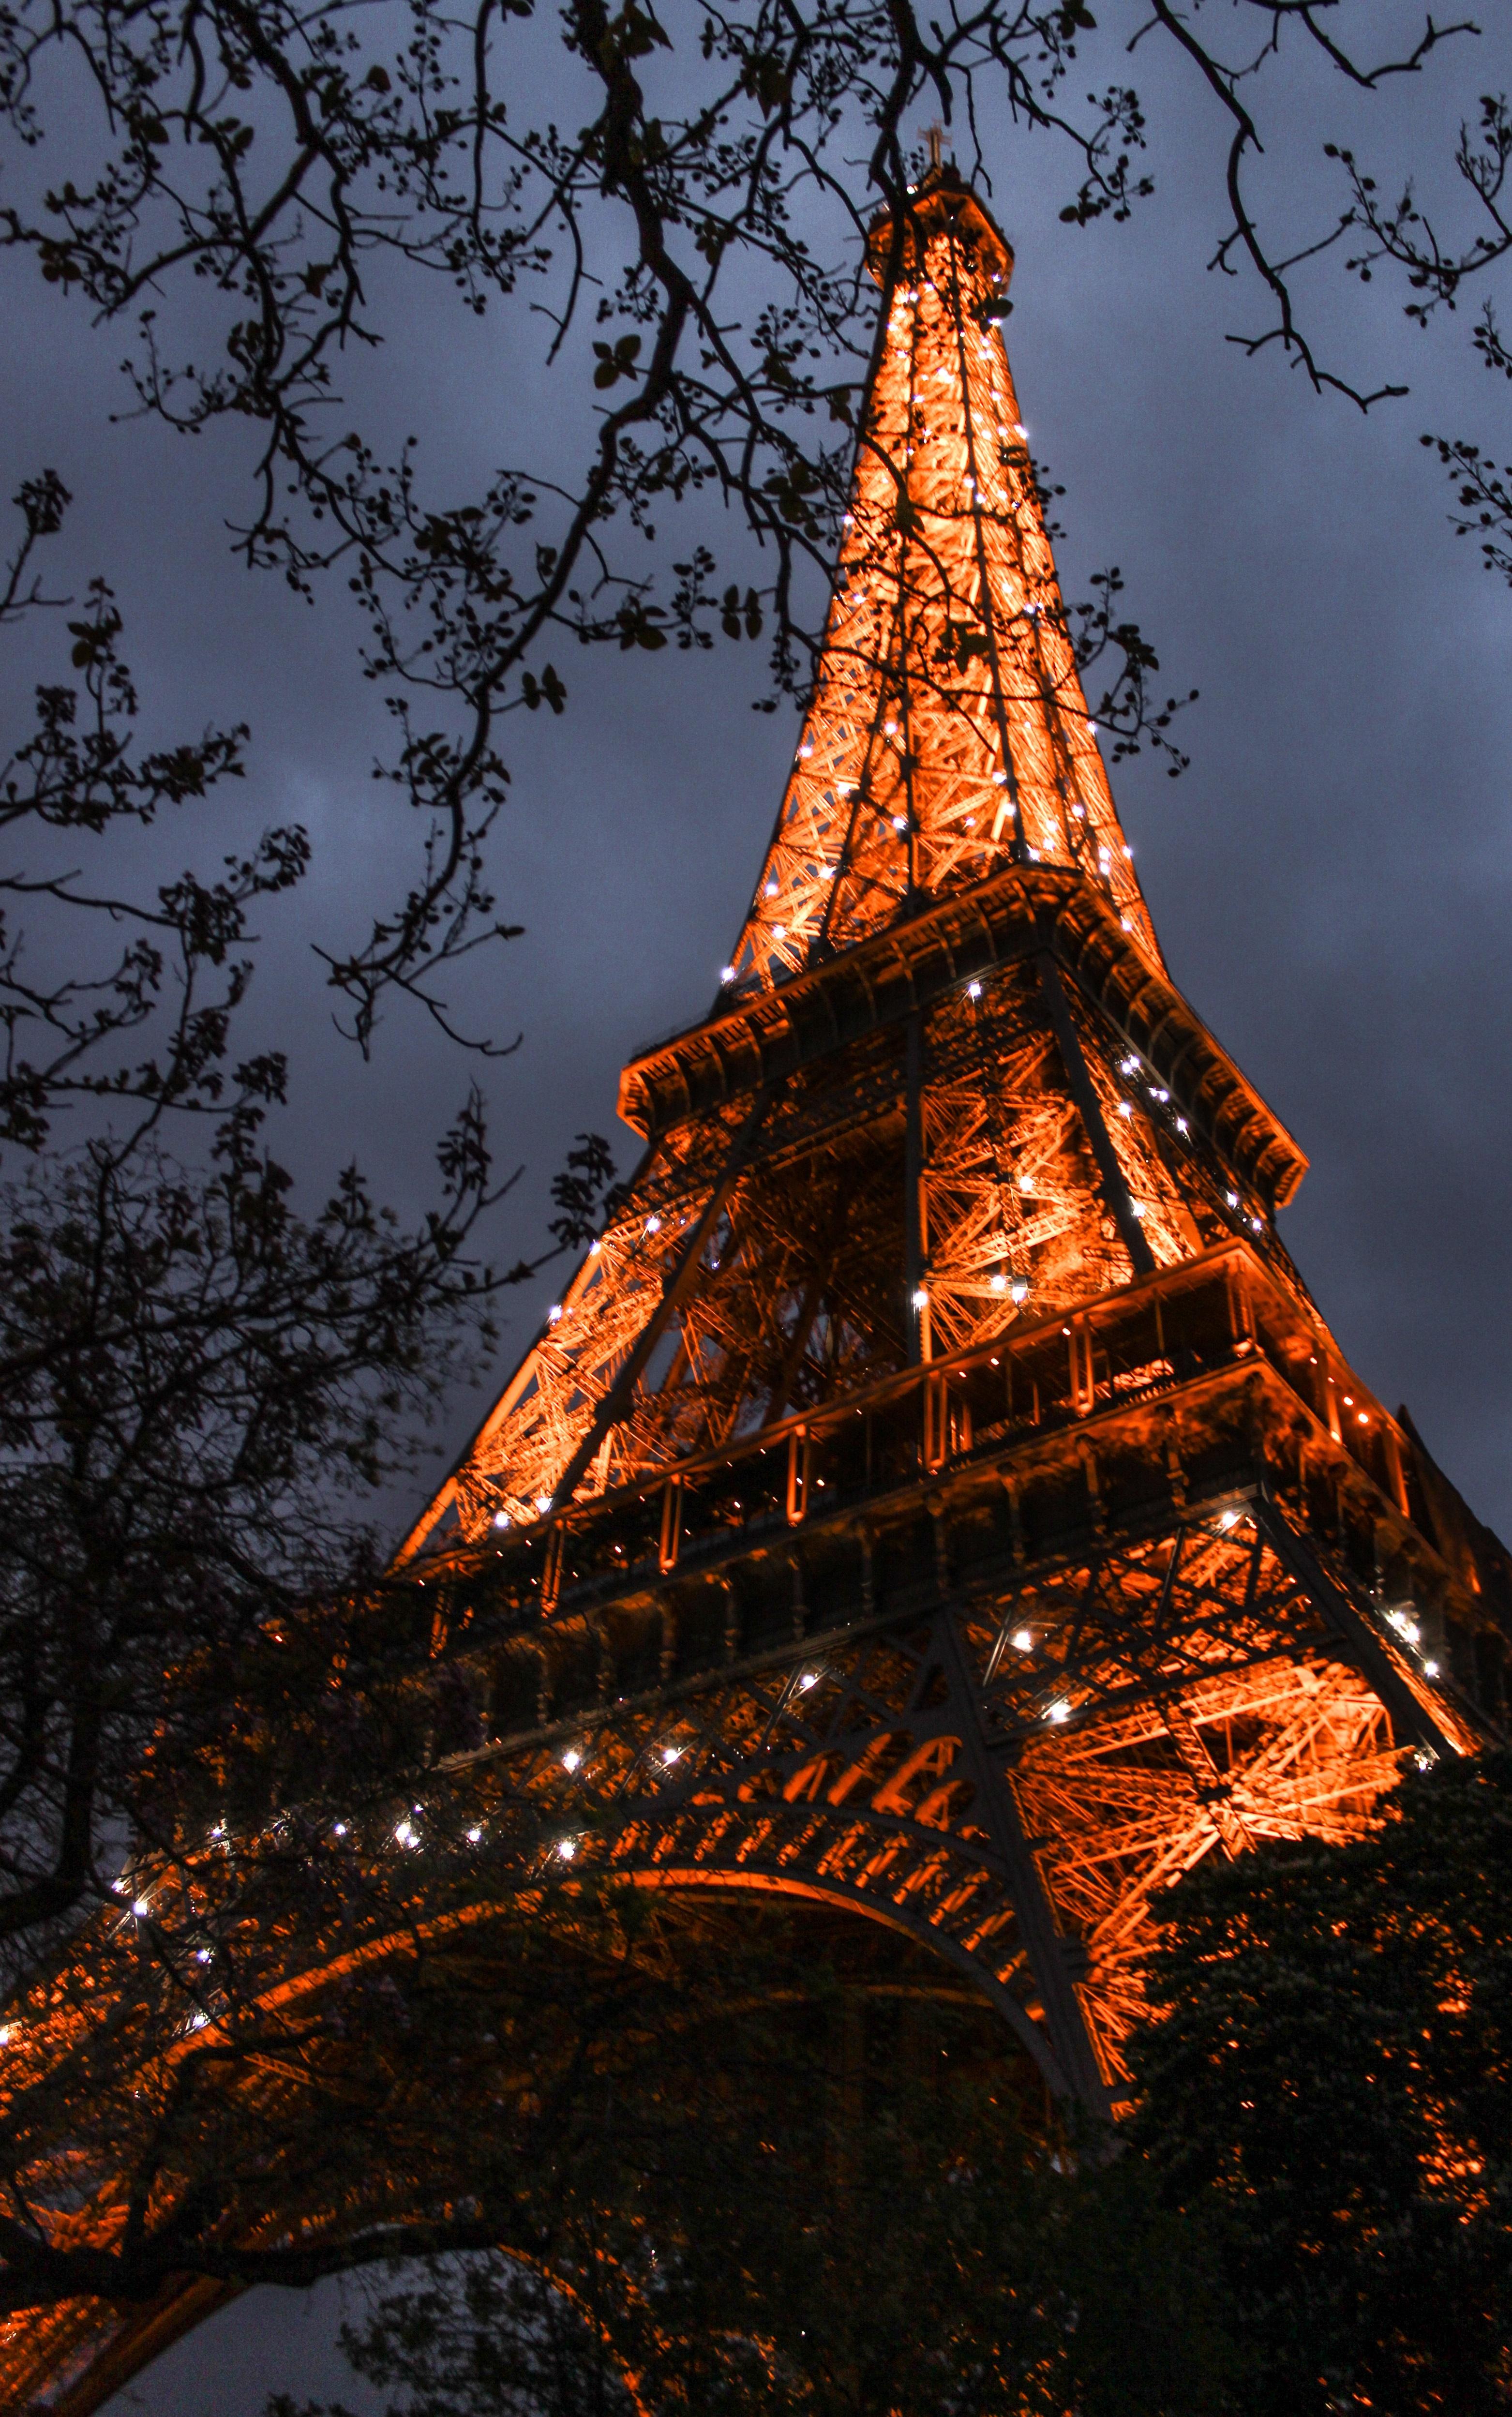 Images gratuites arbre lumi re architecture ciel - Images tour eiffel gratuites ...